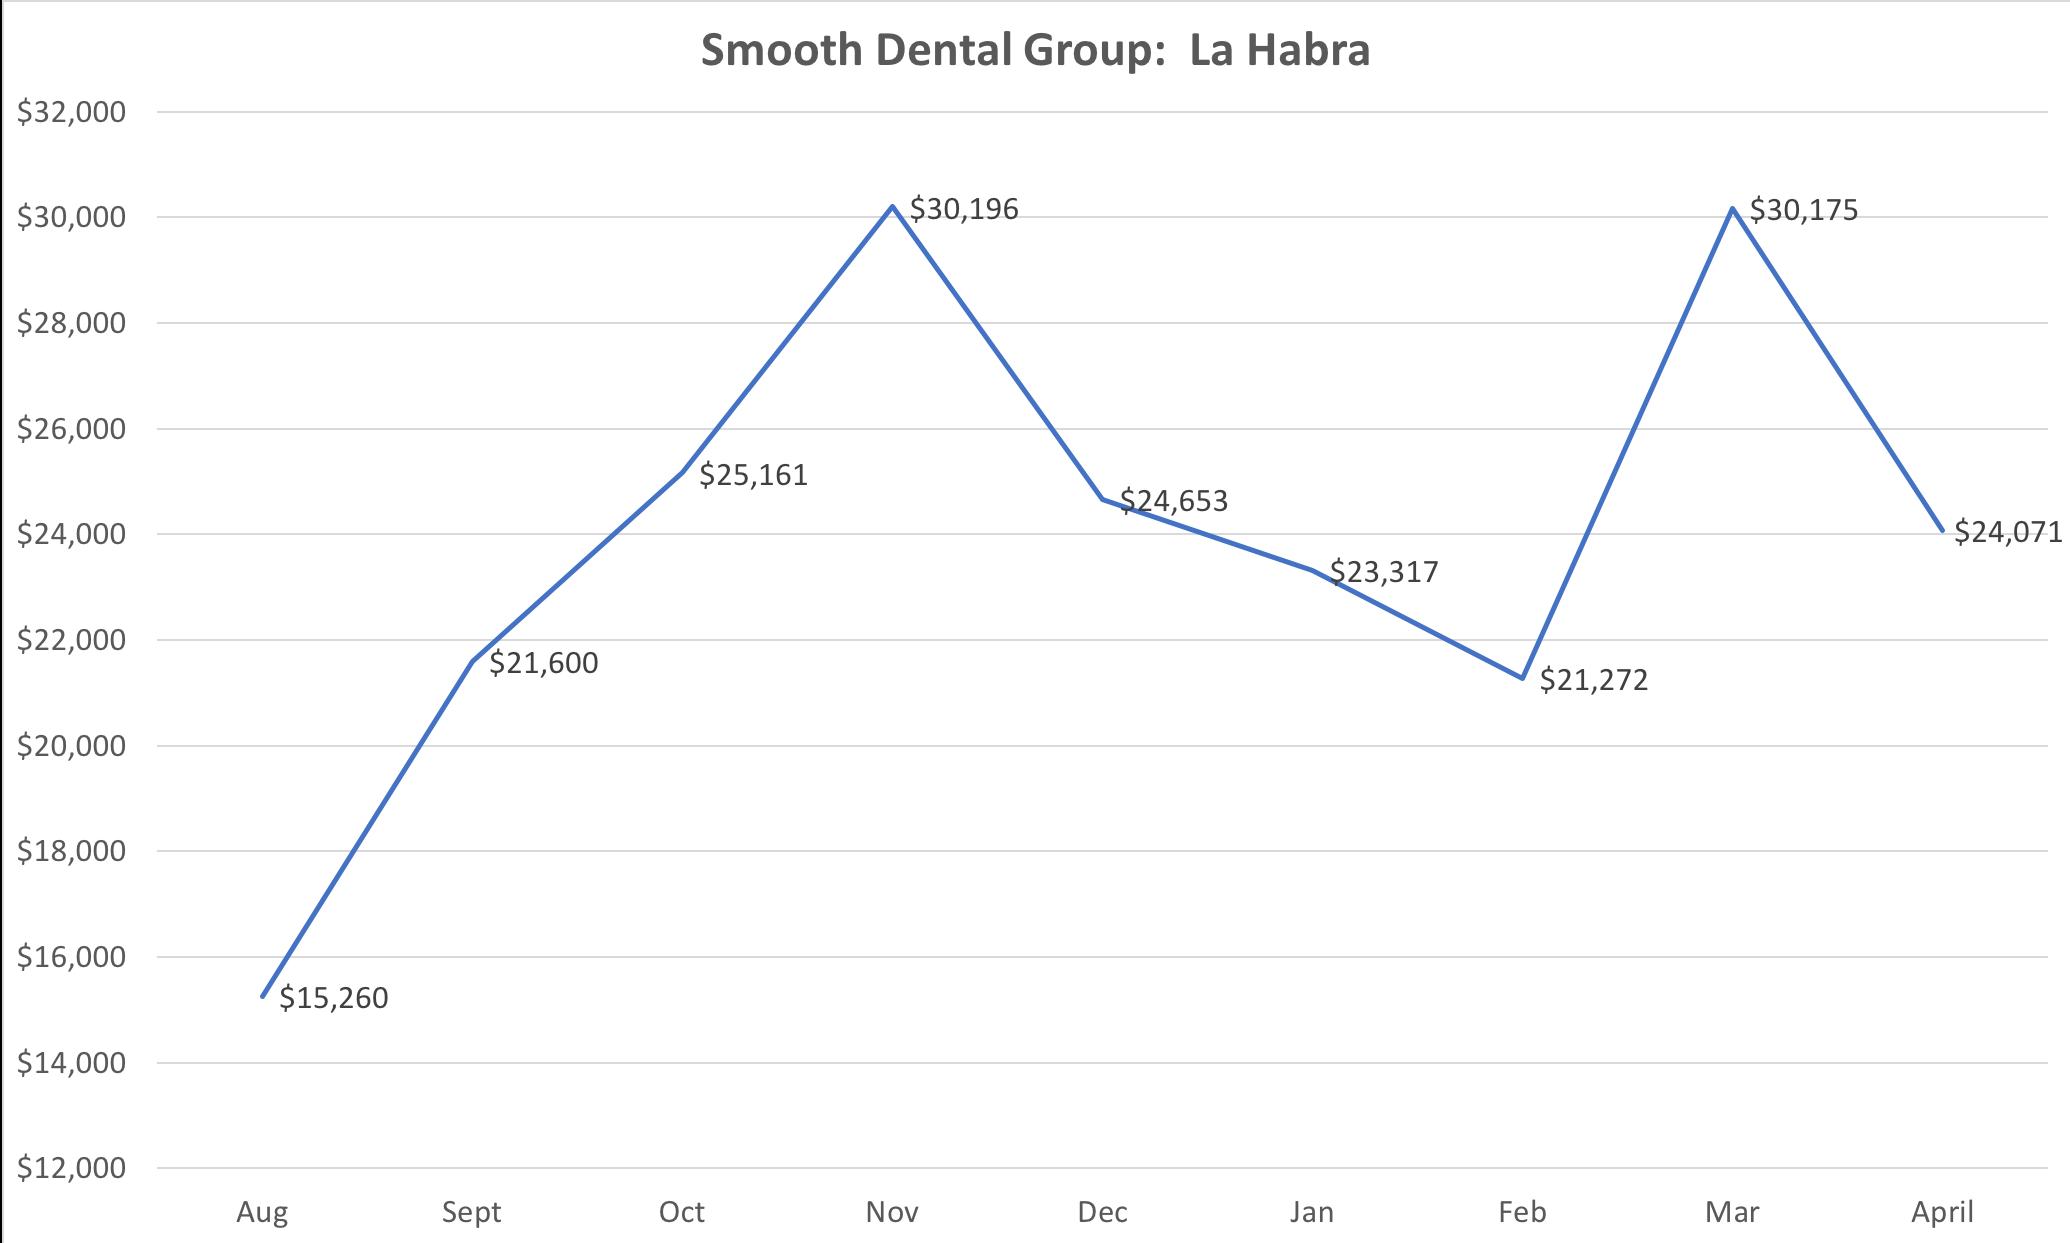 Smooth Dental La Habra.png